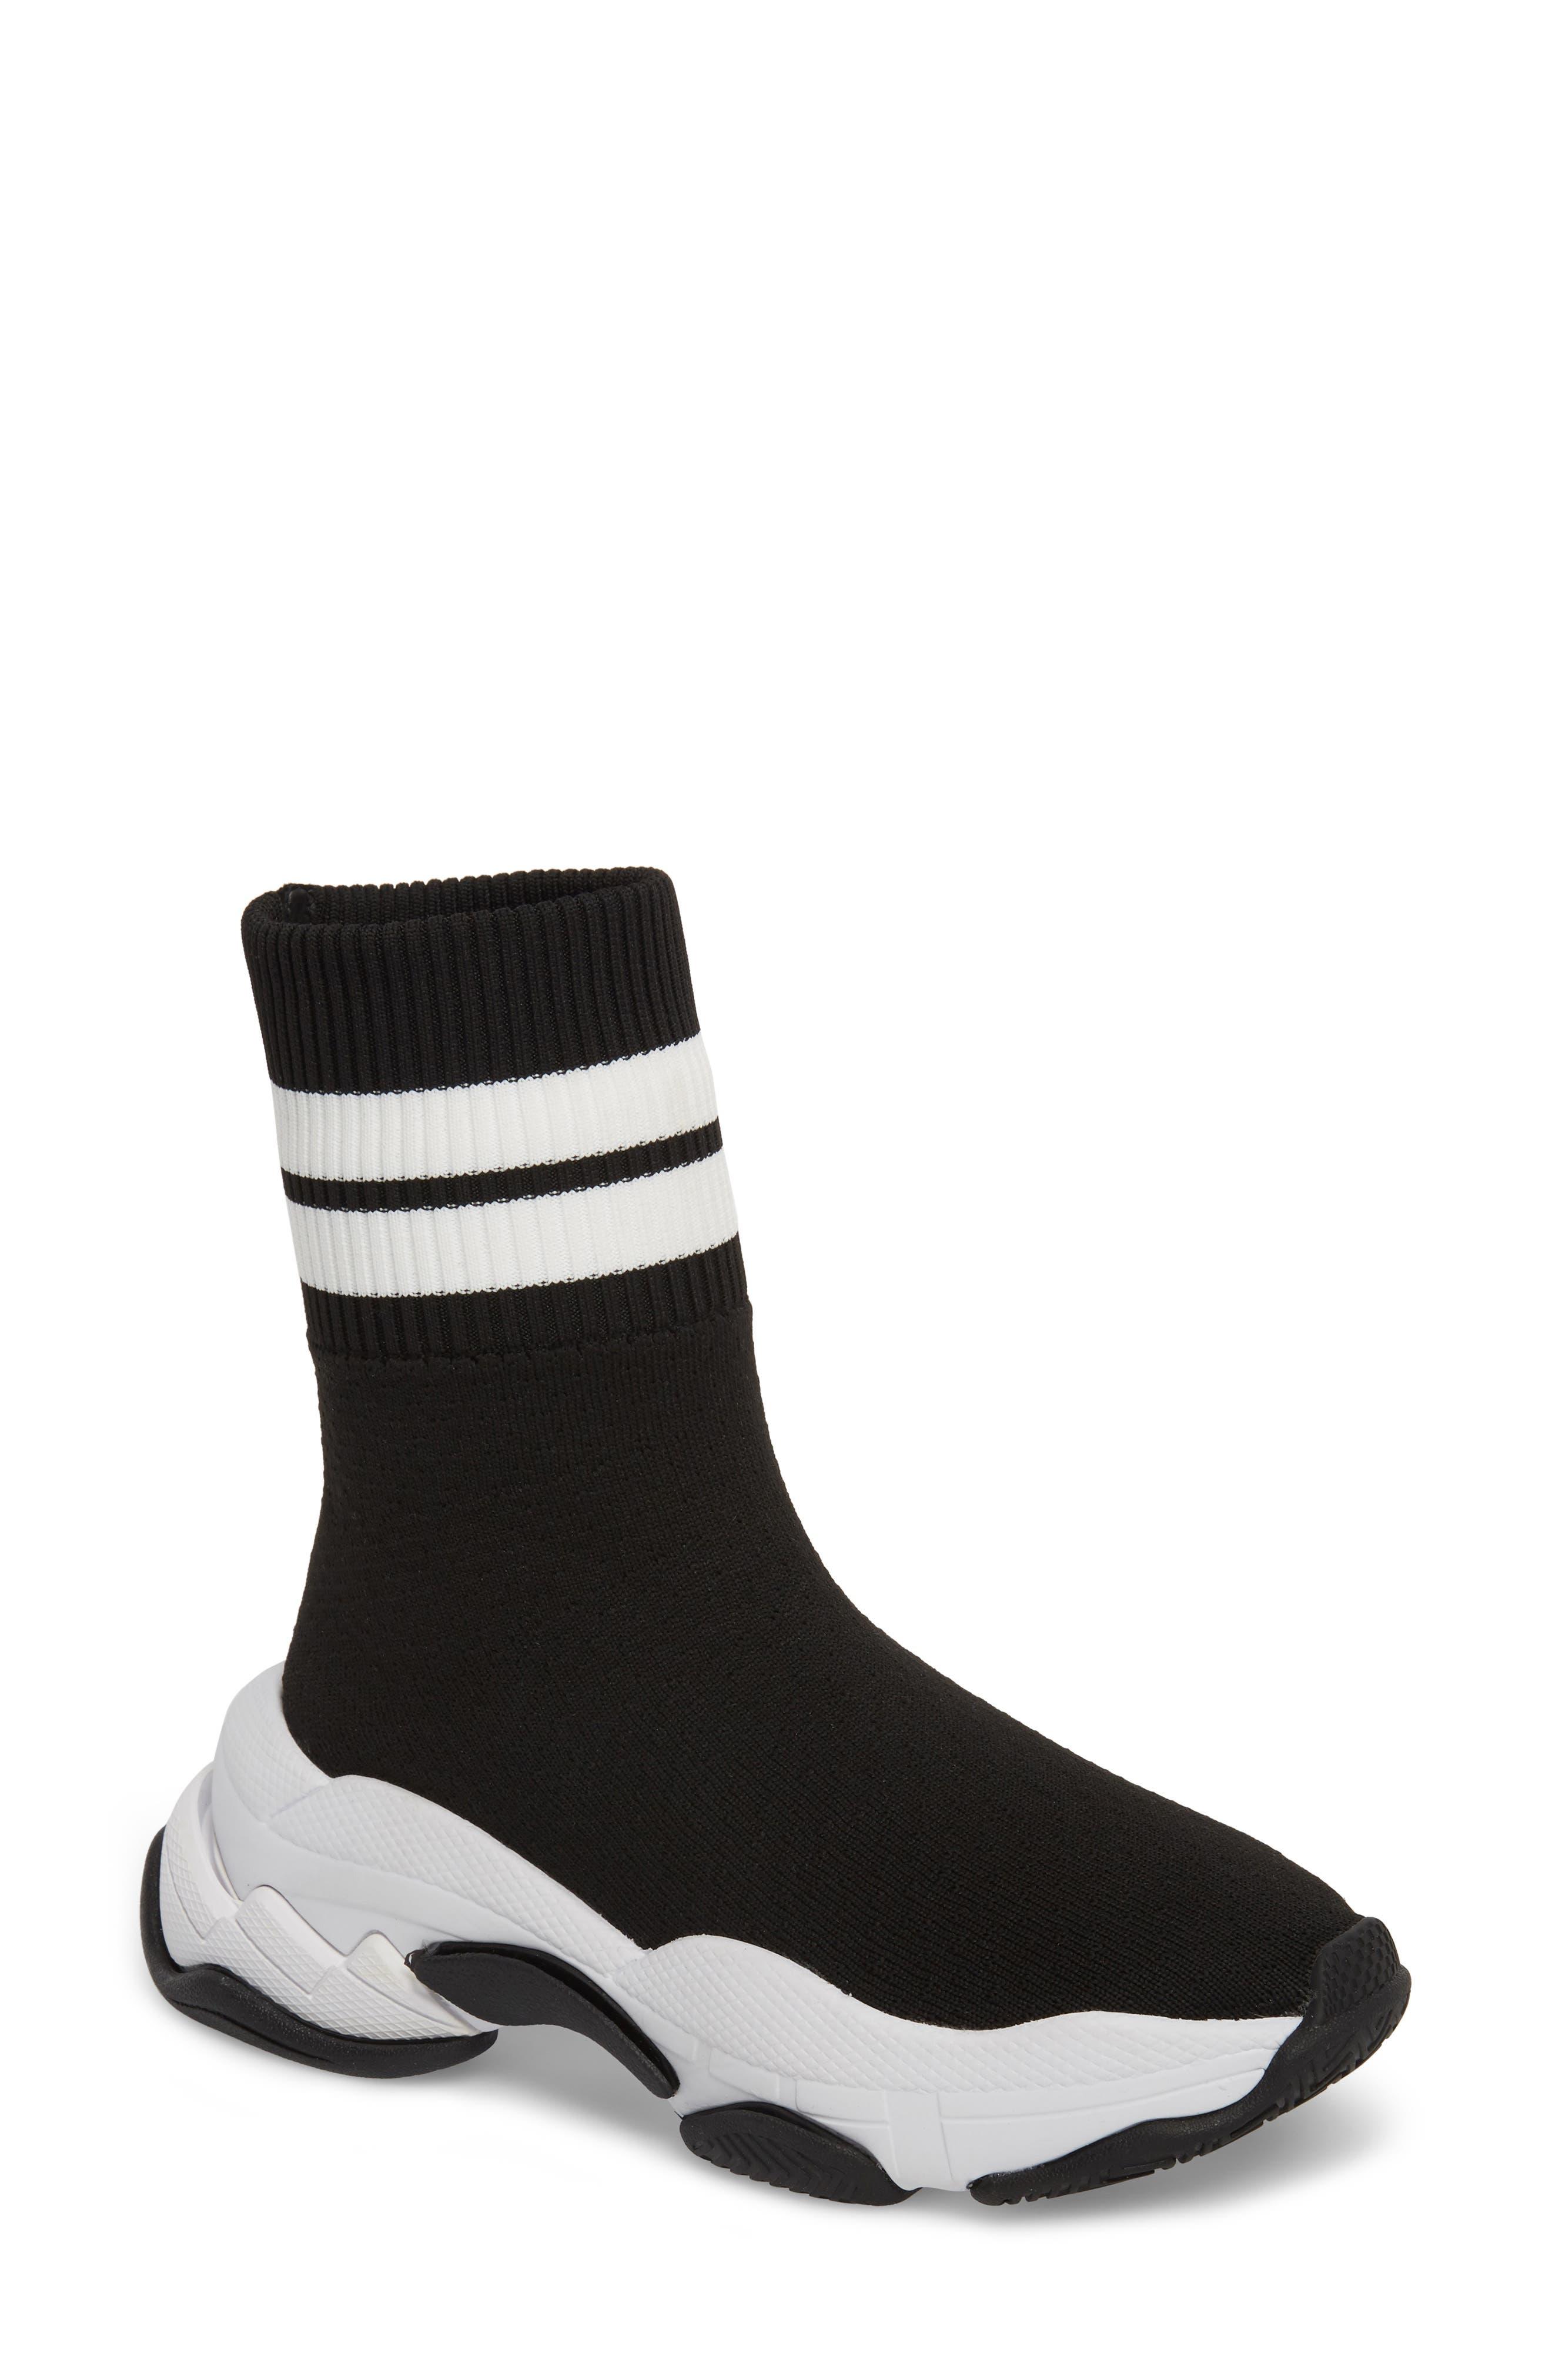 Jeffrey Campbell Tenko Ankle High Top Sock Sneaker (Women)